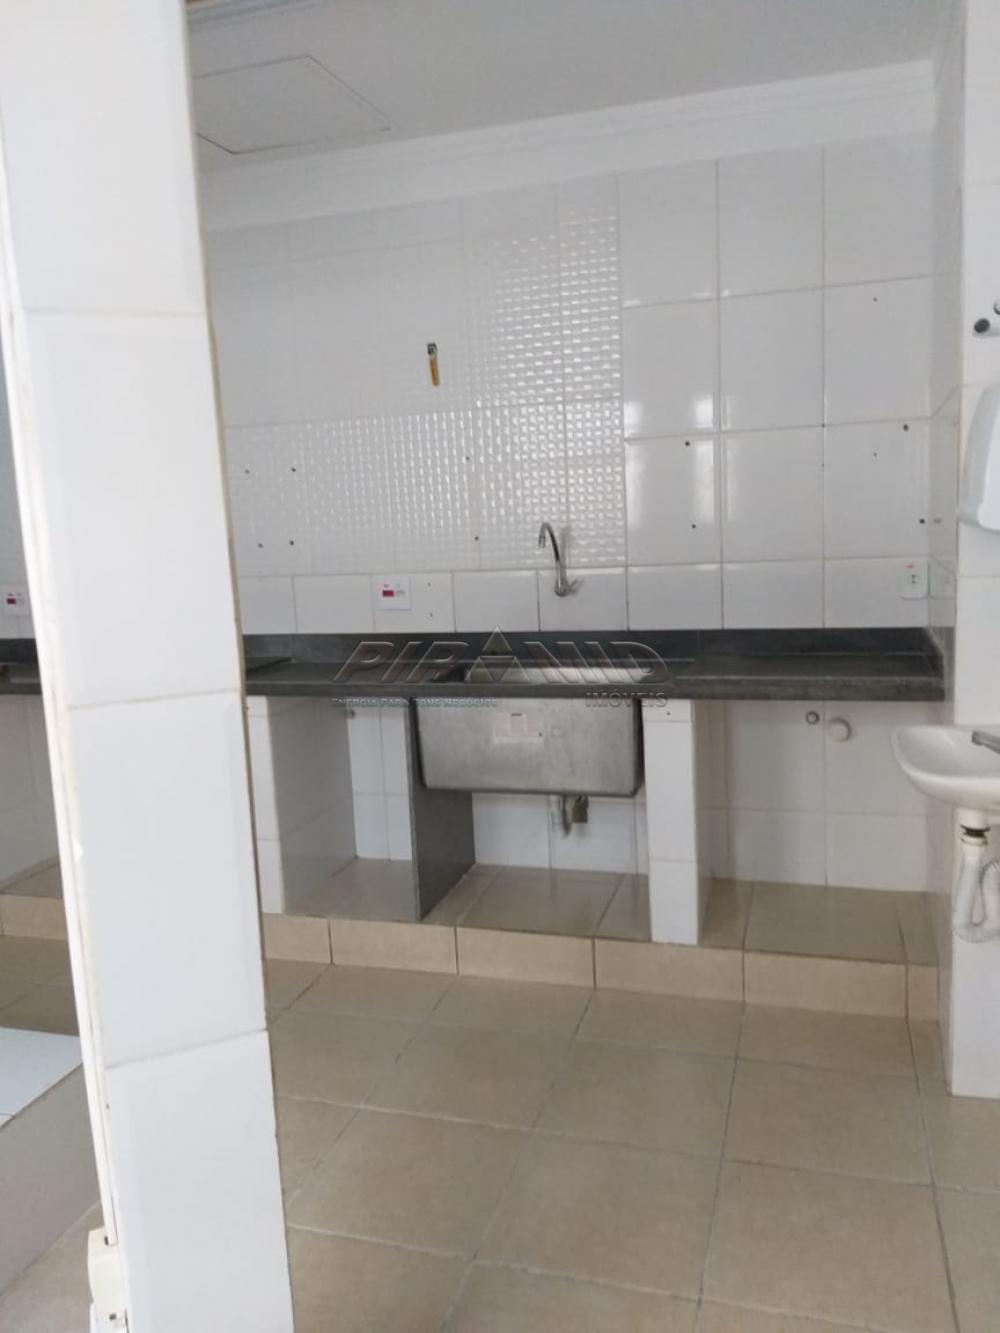 Alugar Comercial / Salão em Ribeirão Preto R$ 10.000,00 - Foto 11